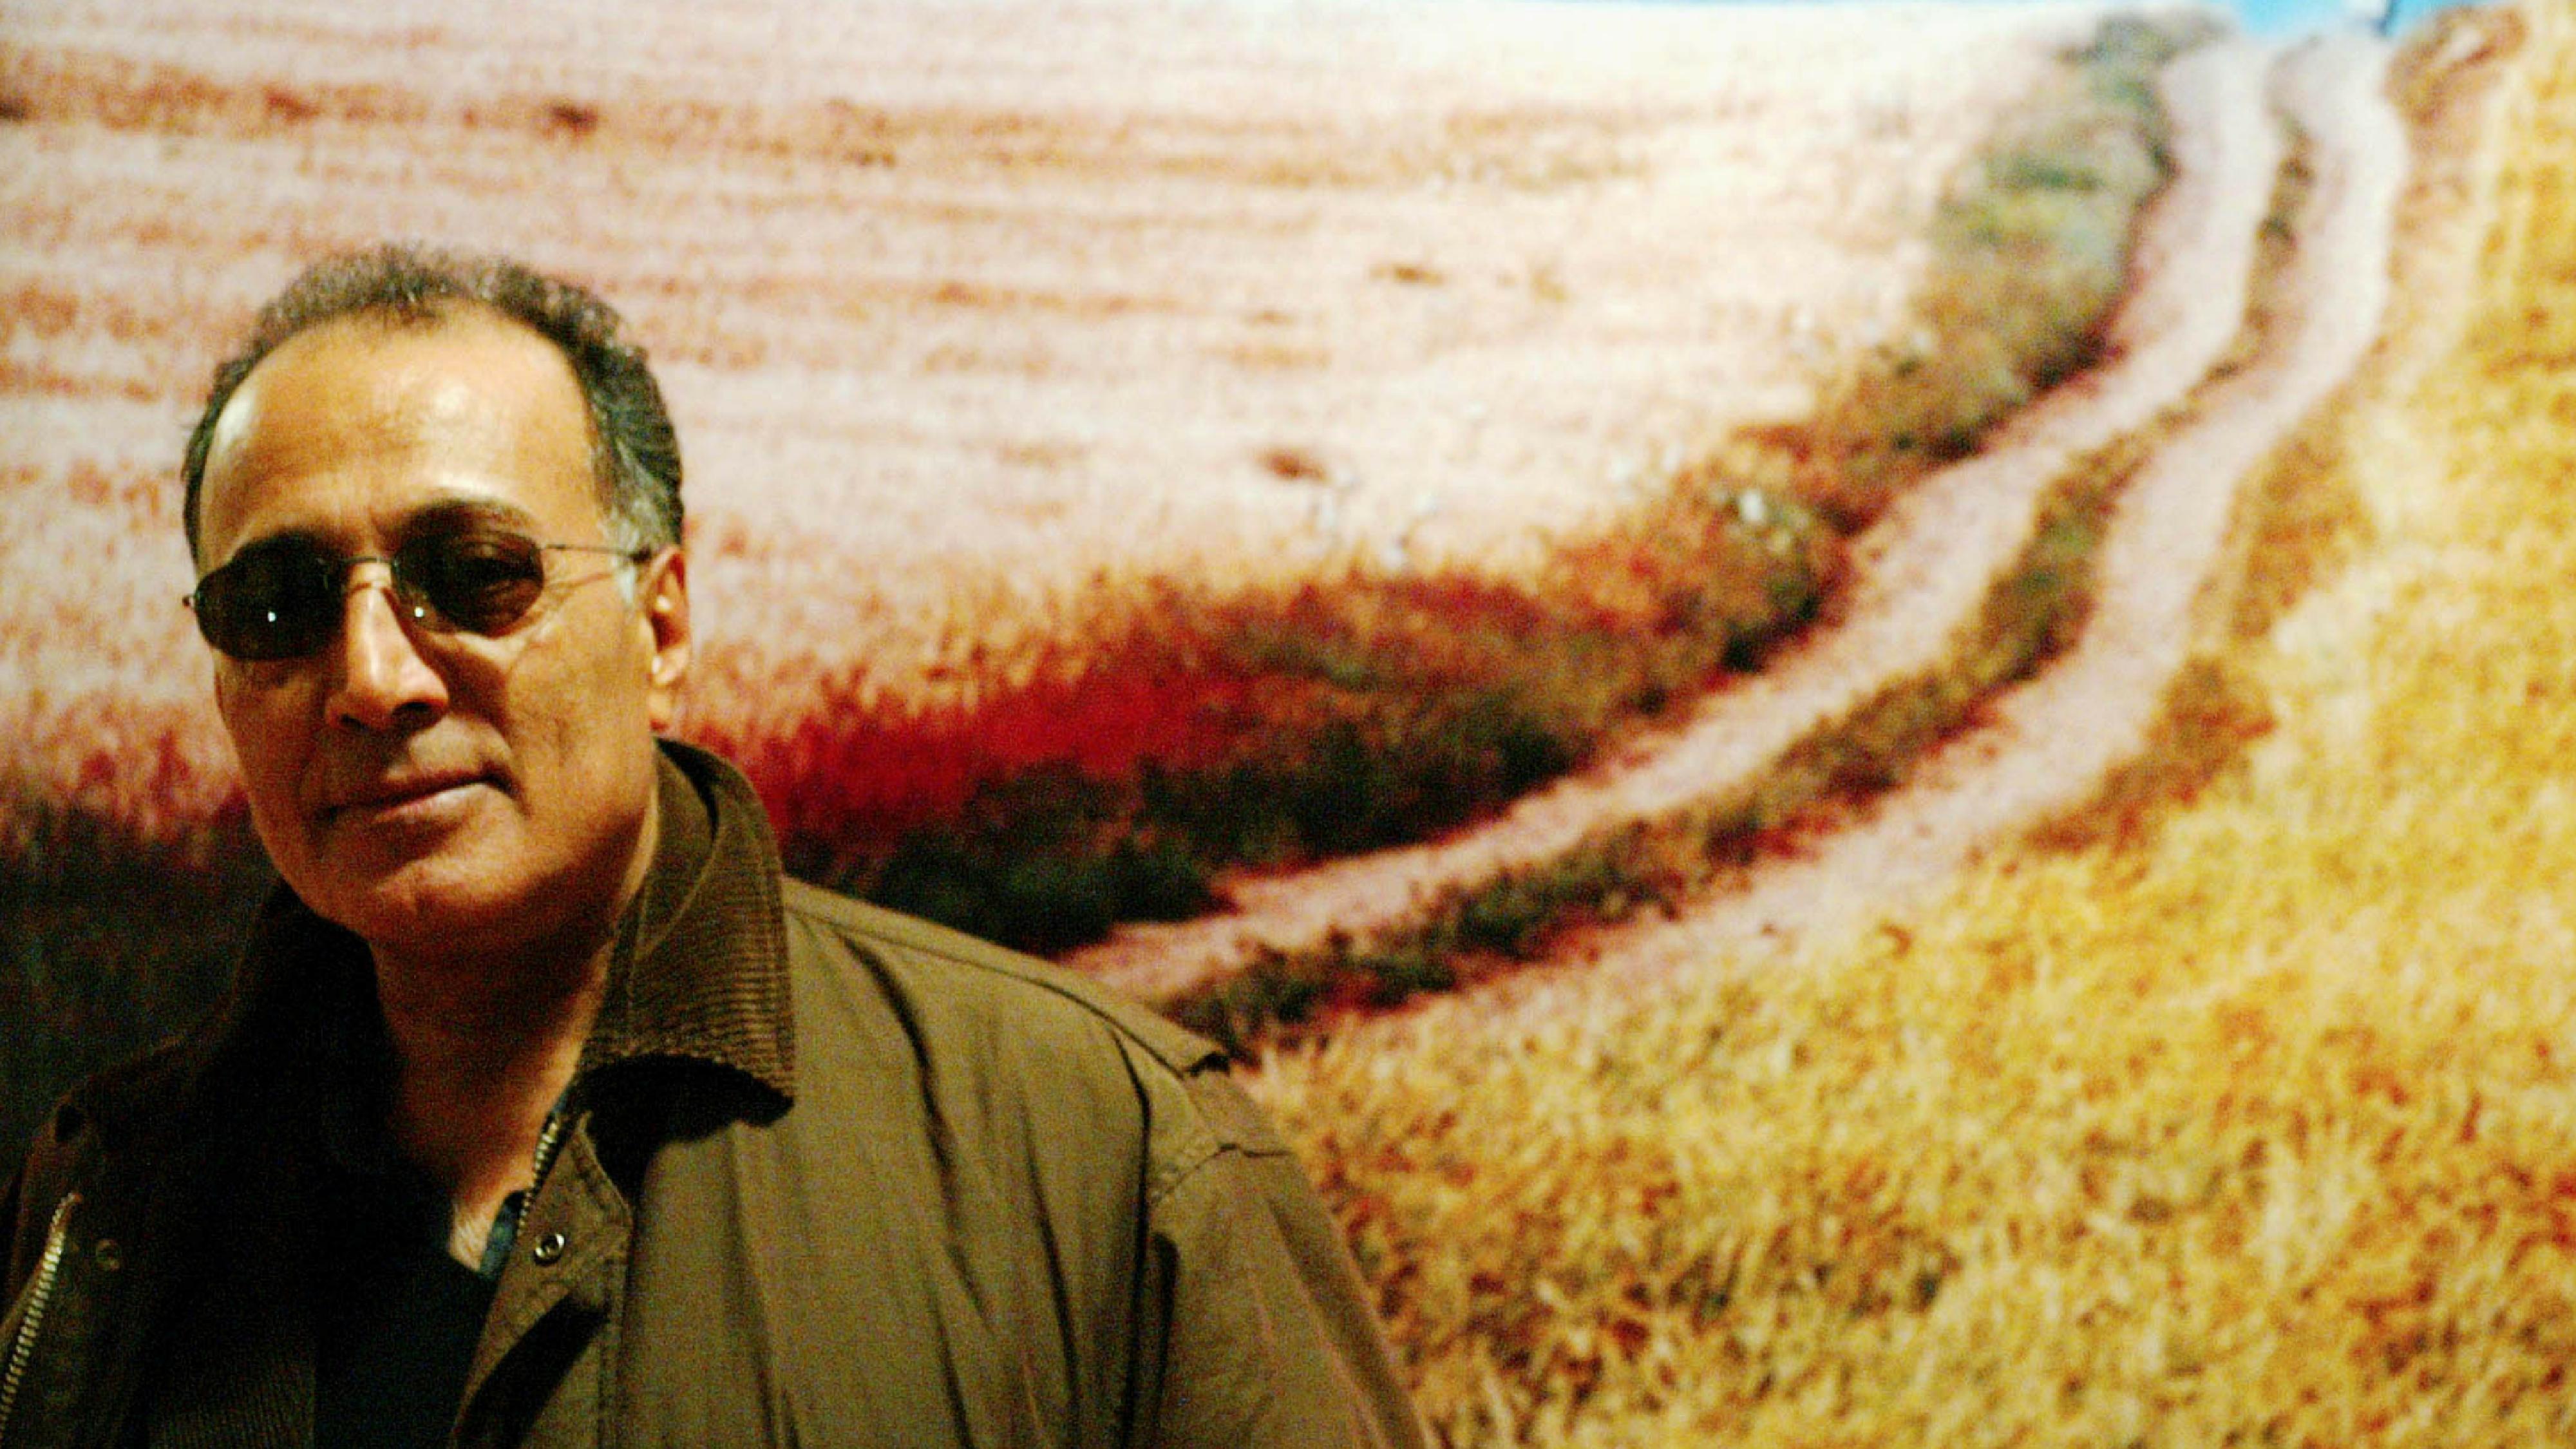 RomaFF11: Abbas Kiarostami, il regista che vedeva il mondo con gli occhi di bambino